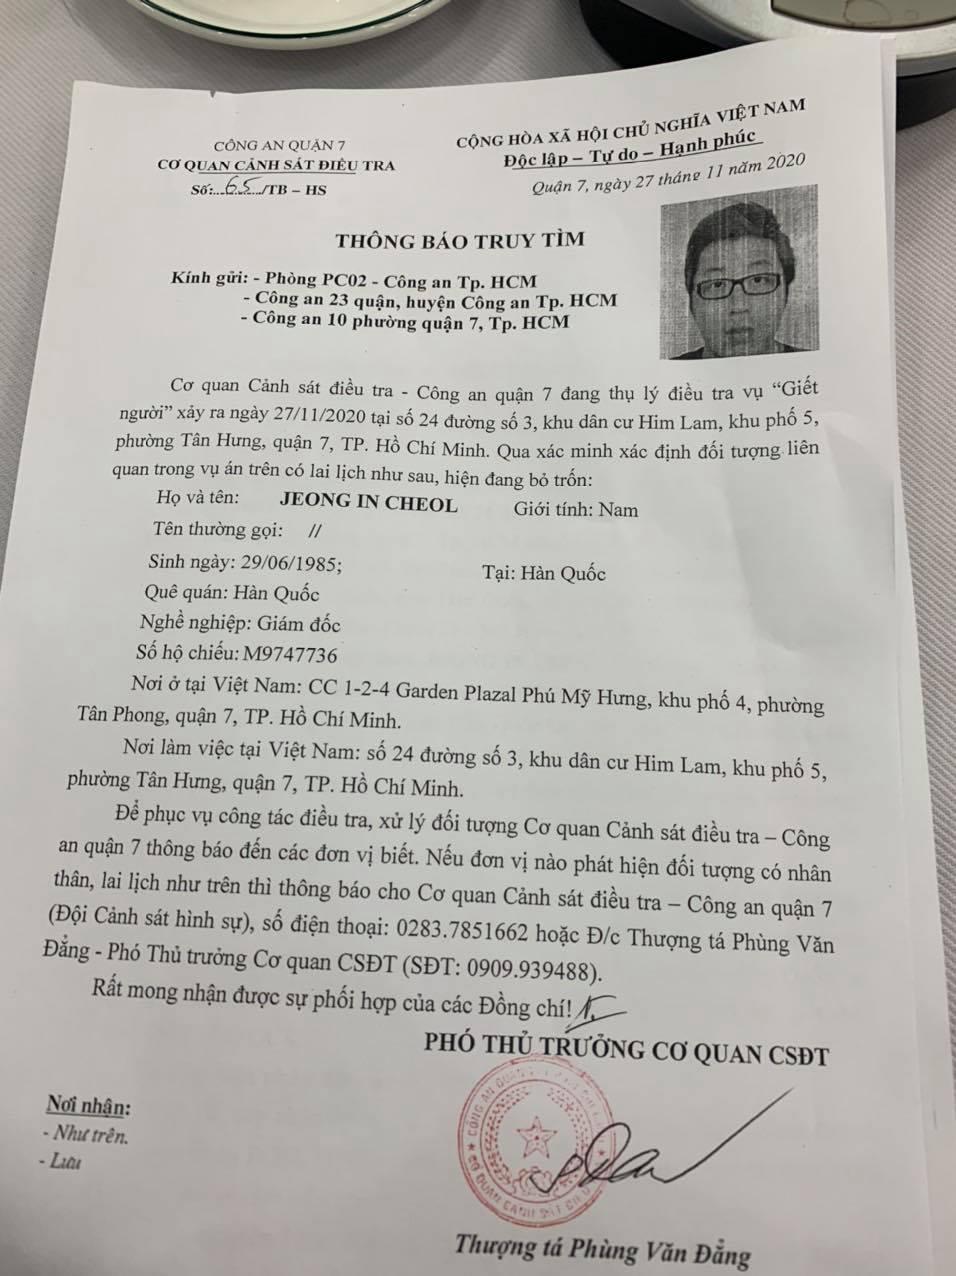 Công an phát thông báo truy tìm giám đốc Công ty cũng là doanh nhân liên quan vụ án giết người ở quận 7